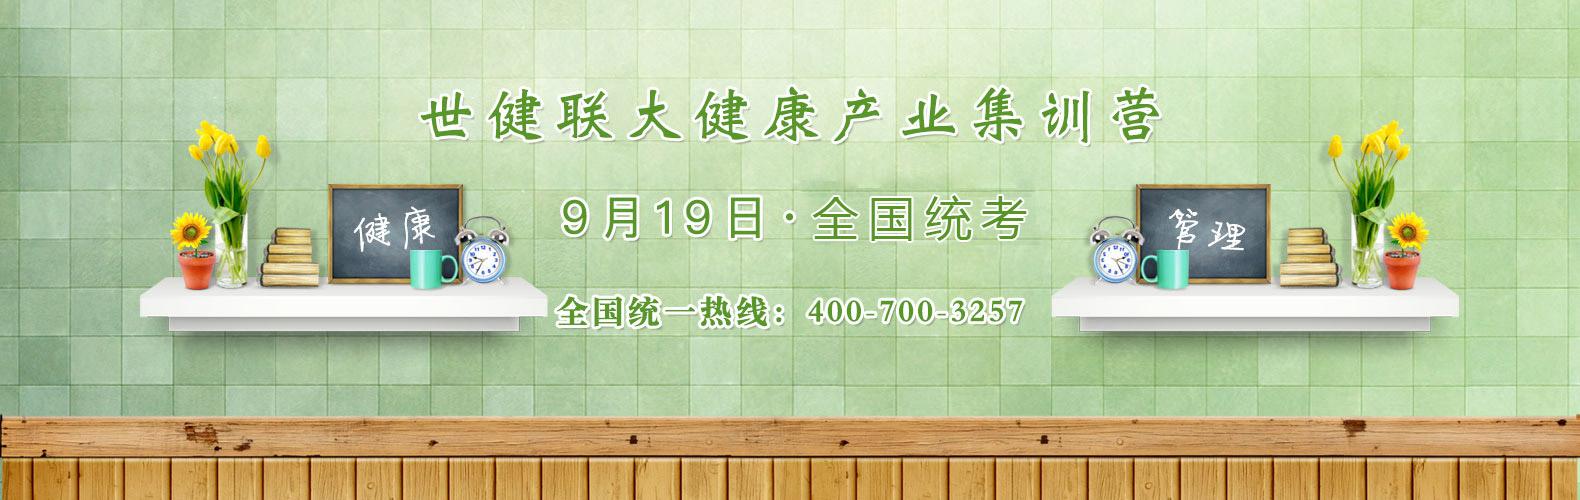 [产业] 64期大健康产业集训营12月24日开班!